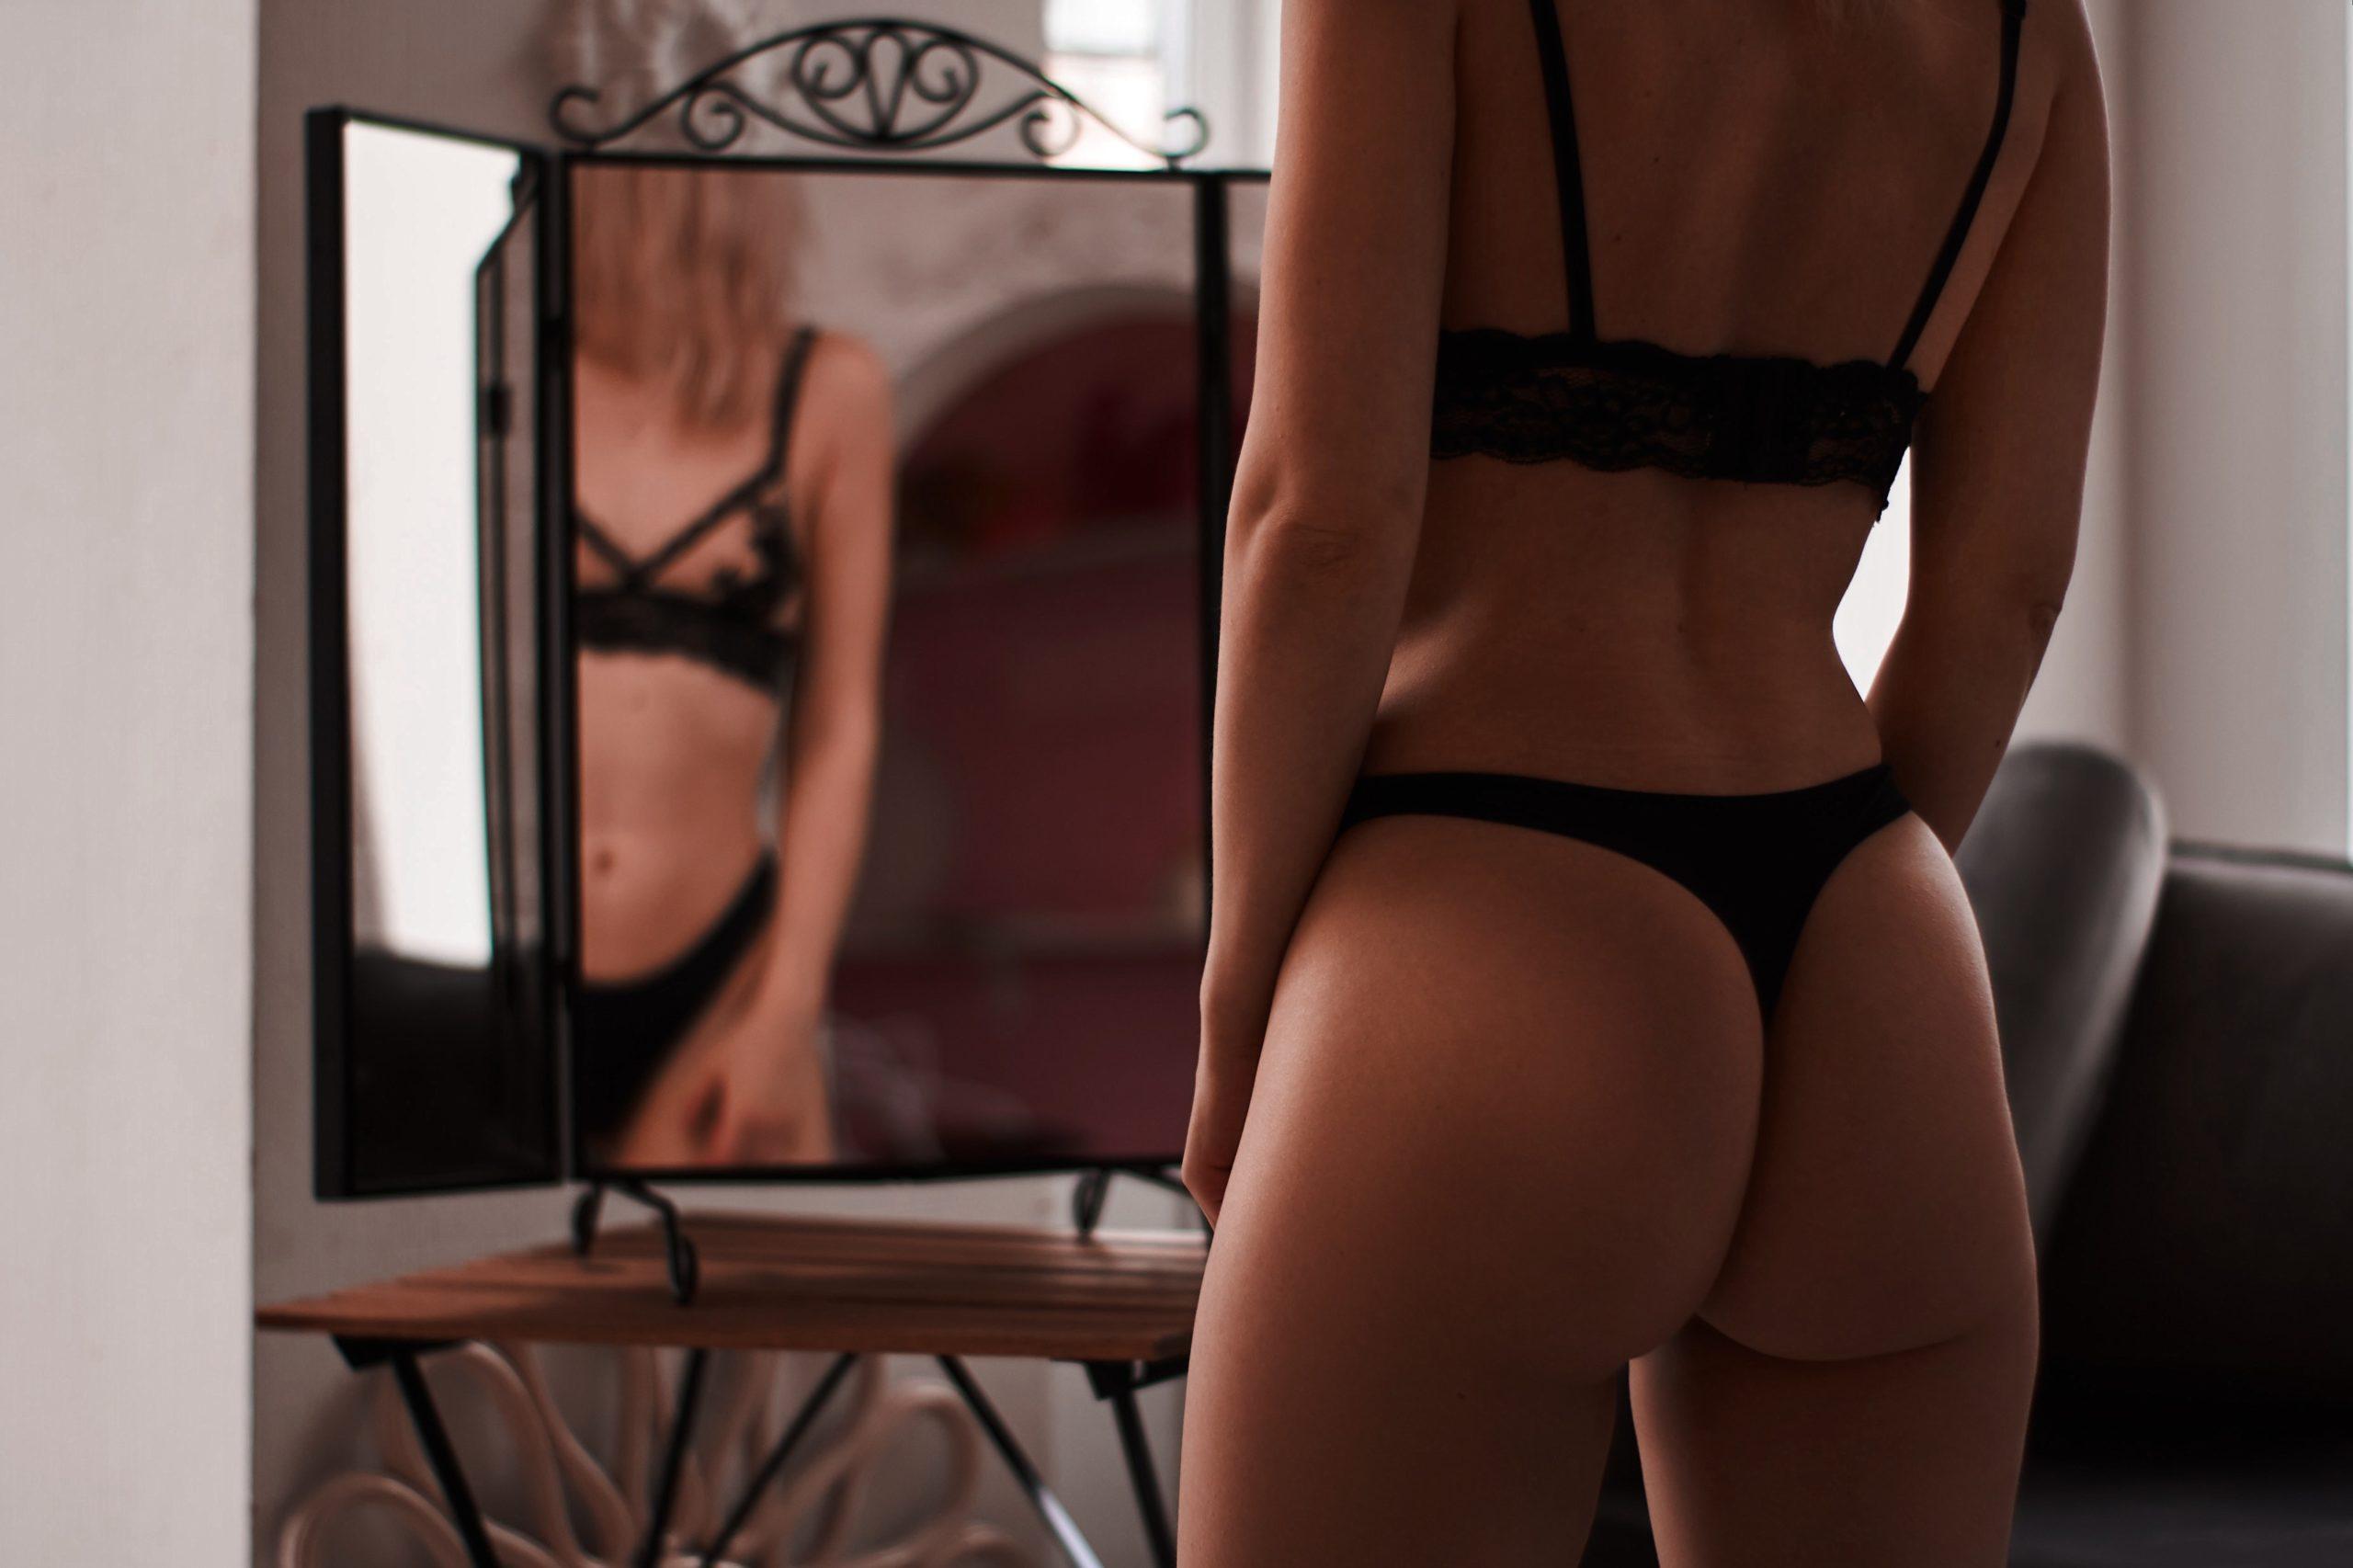 Why do men prefer webcam model websites, over porn sites?